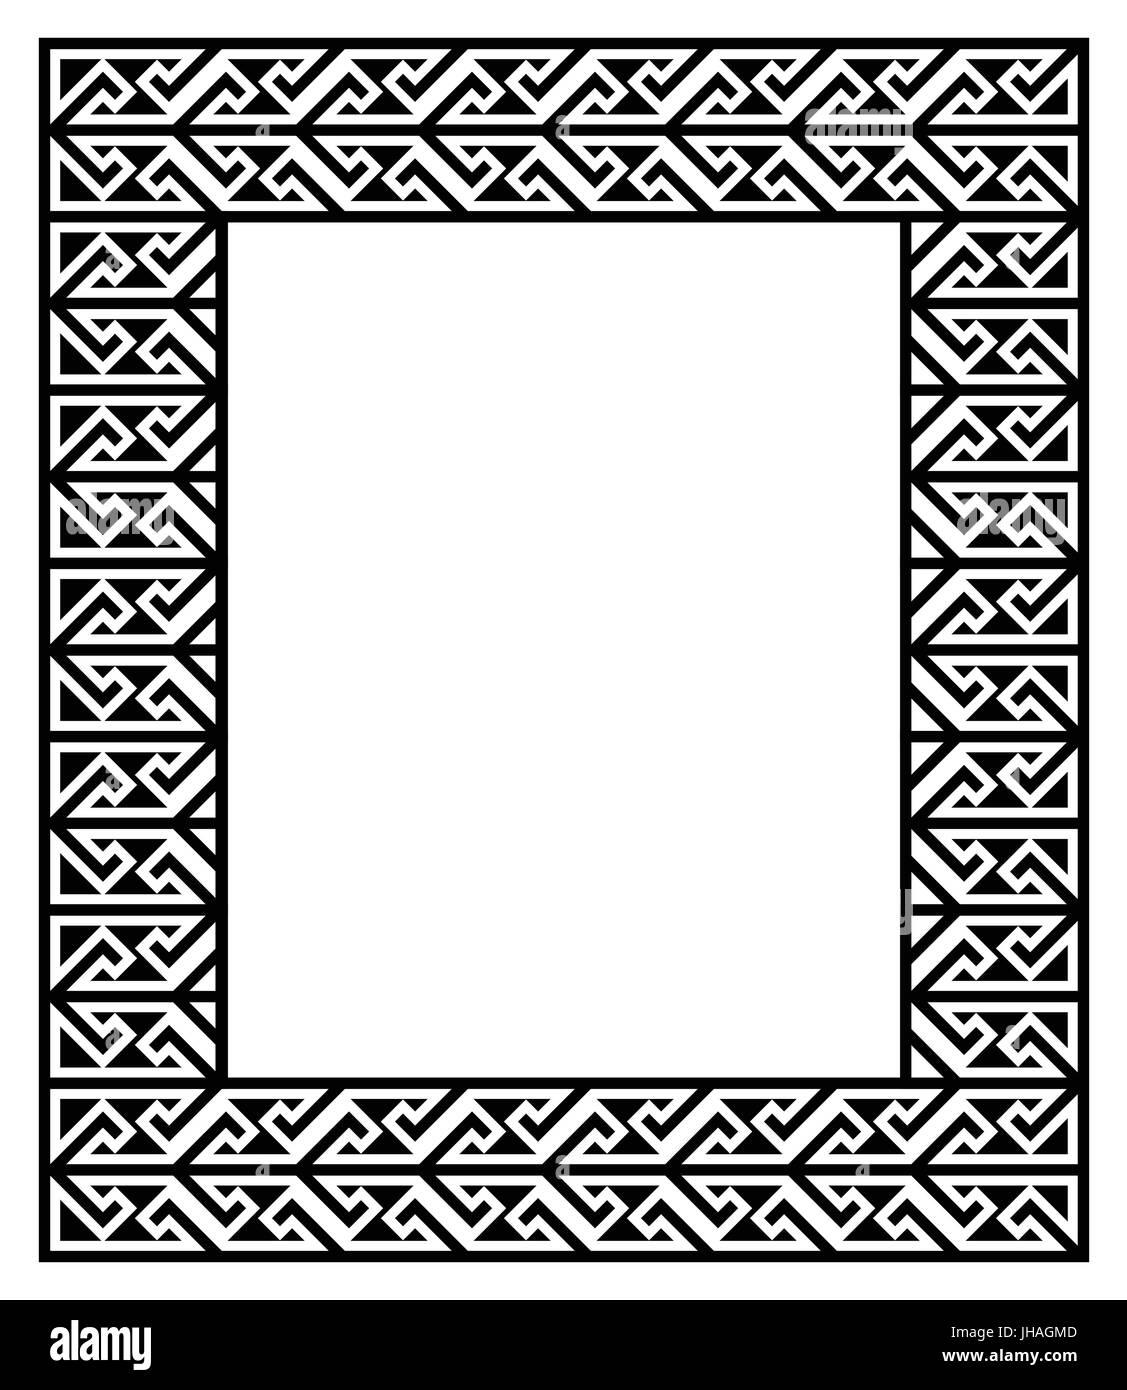 Celtic Knot Decorative Border Imágenes De Stock & Celtic Knot ...